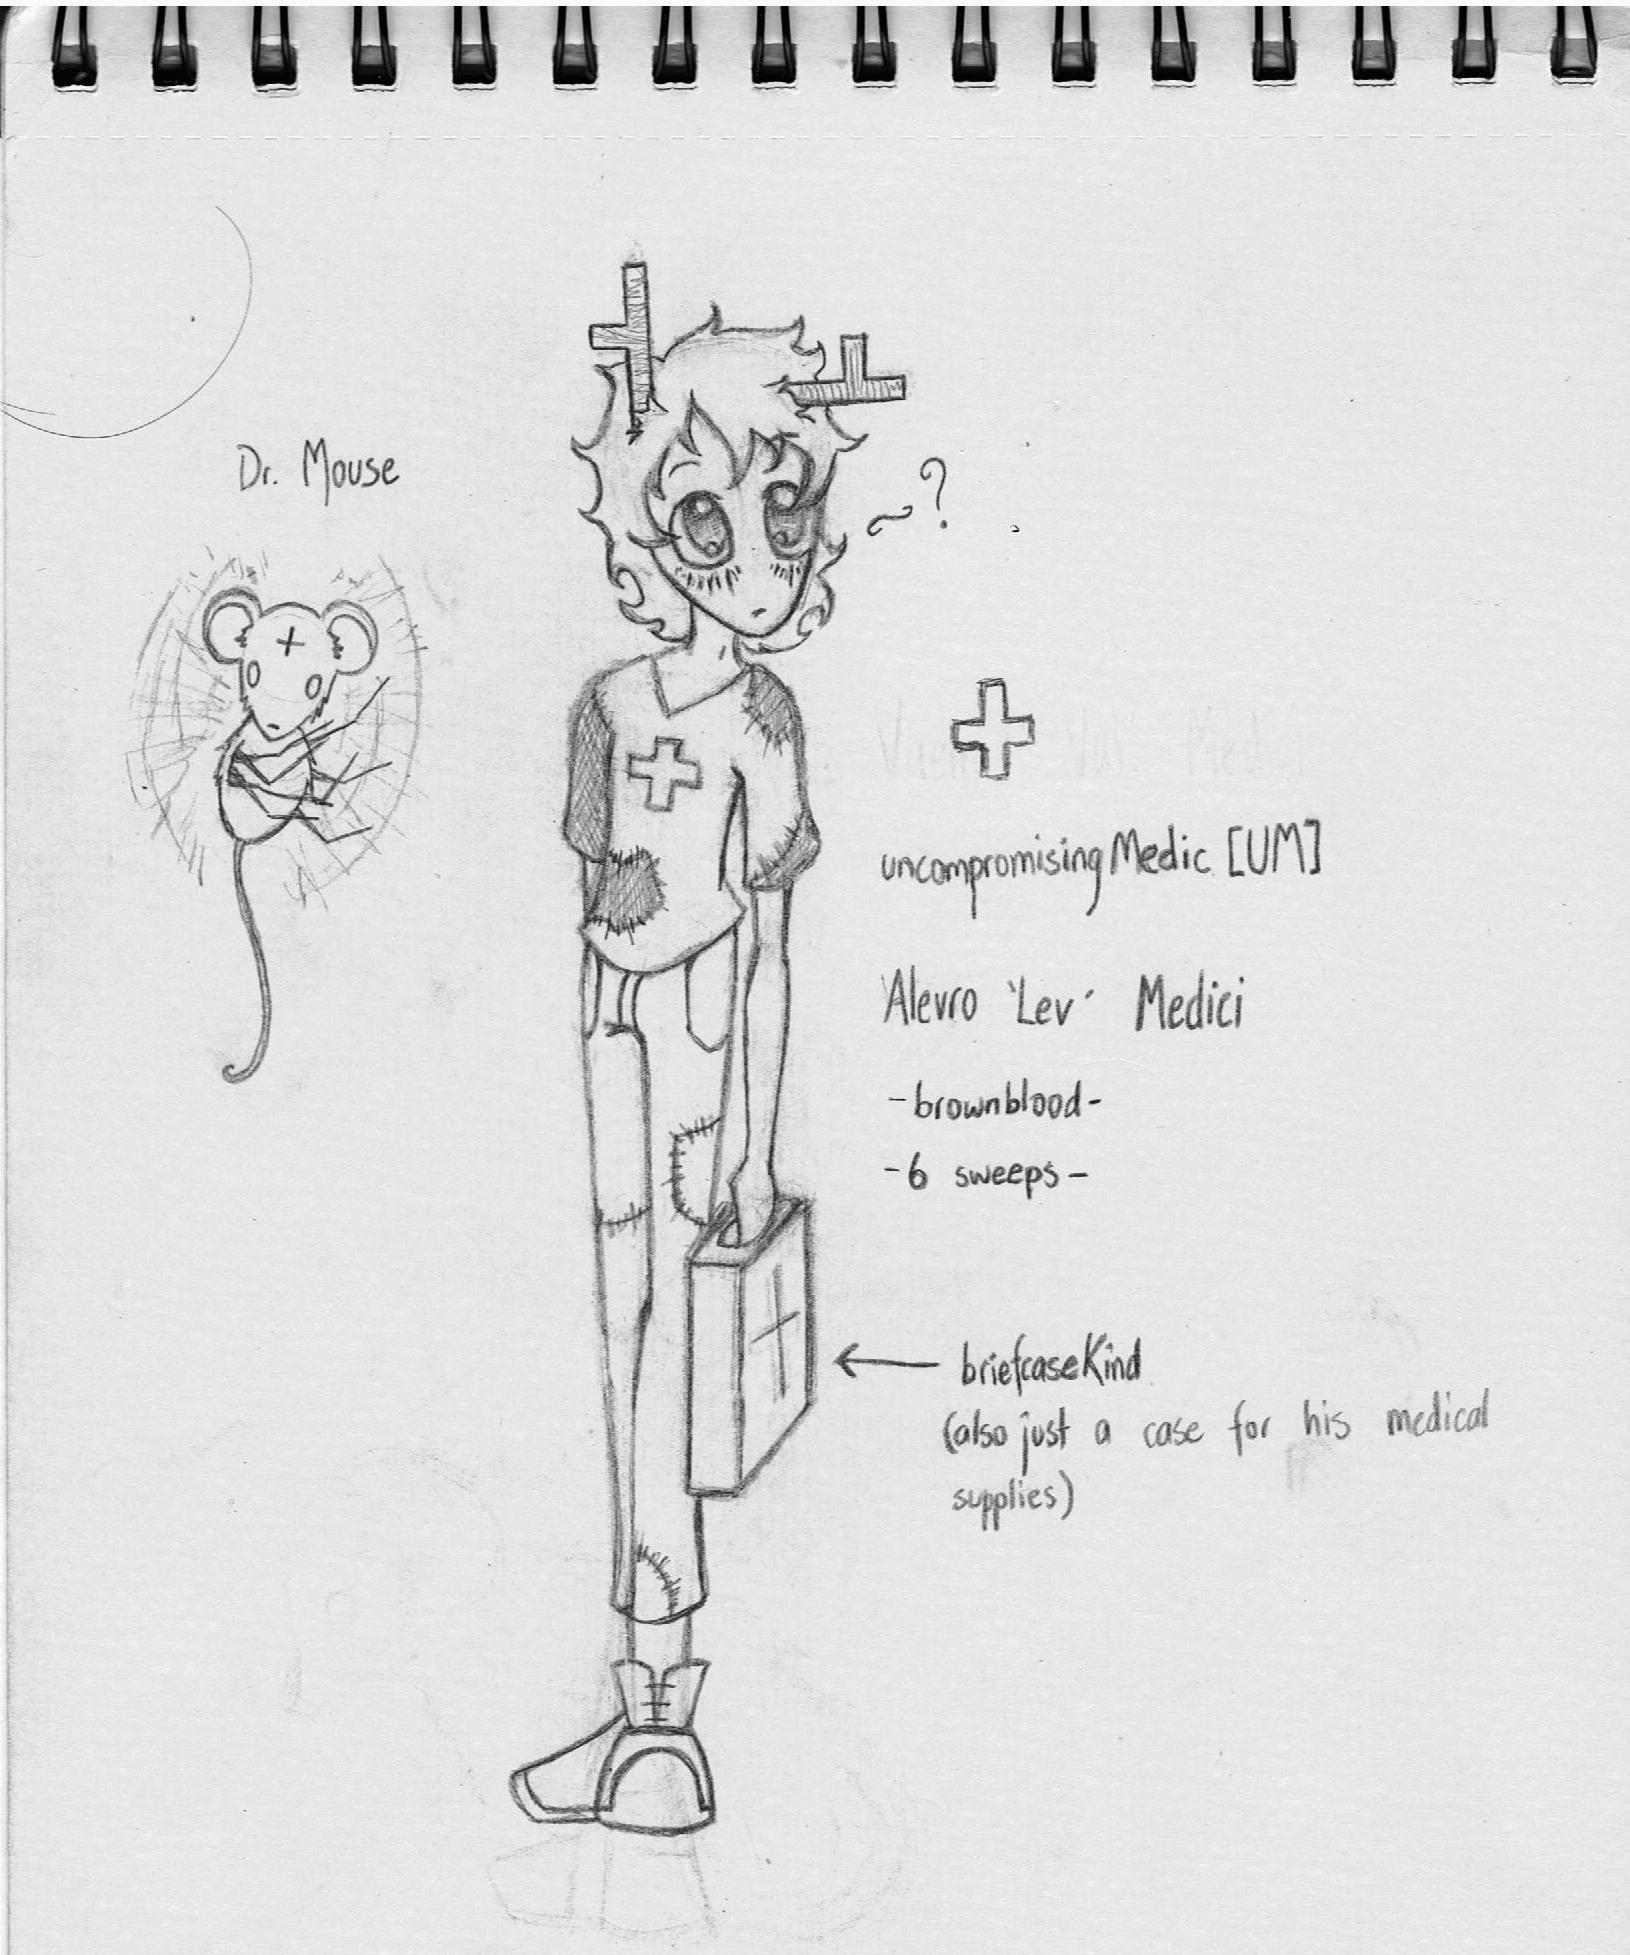 Sketchbook - Alevro Medici (uncompromisingMedic) by TornadoWraith88